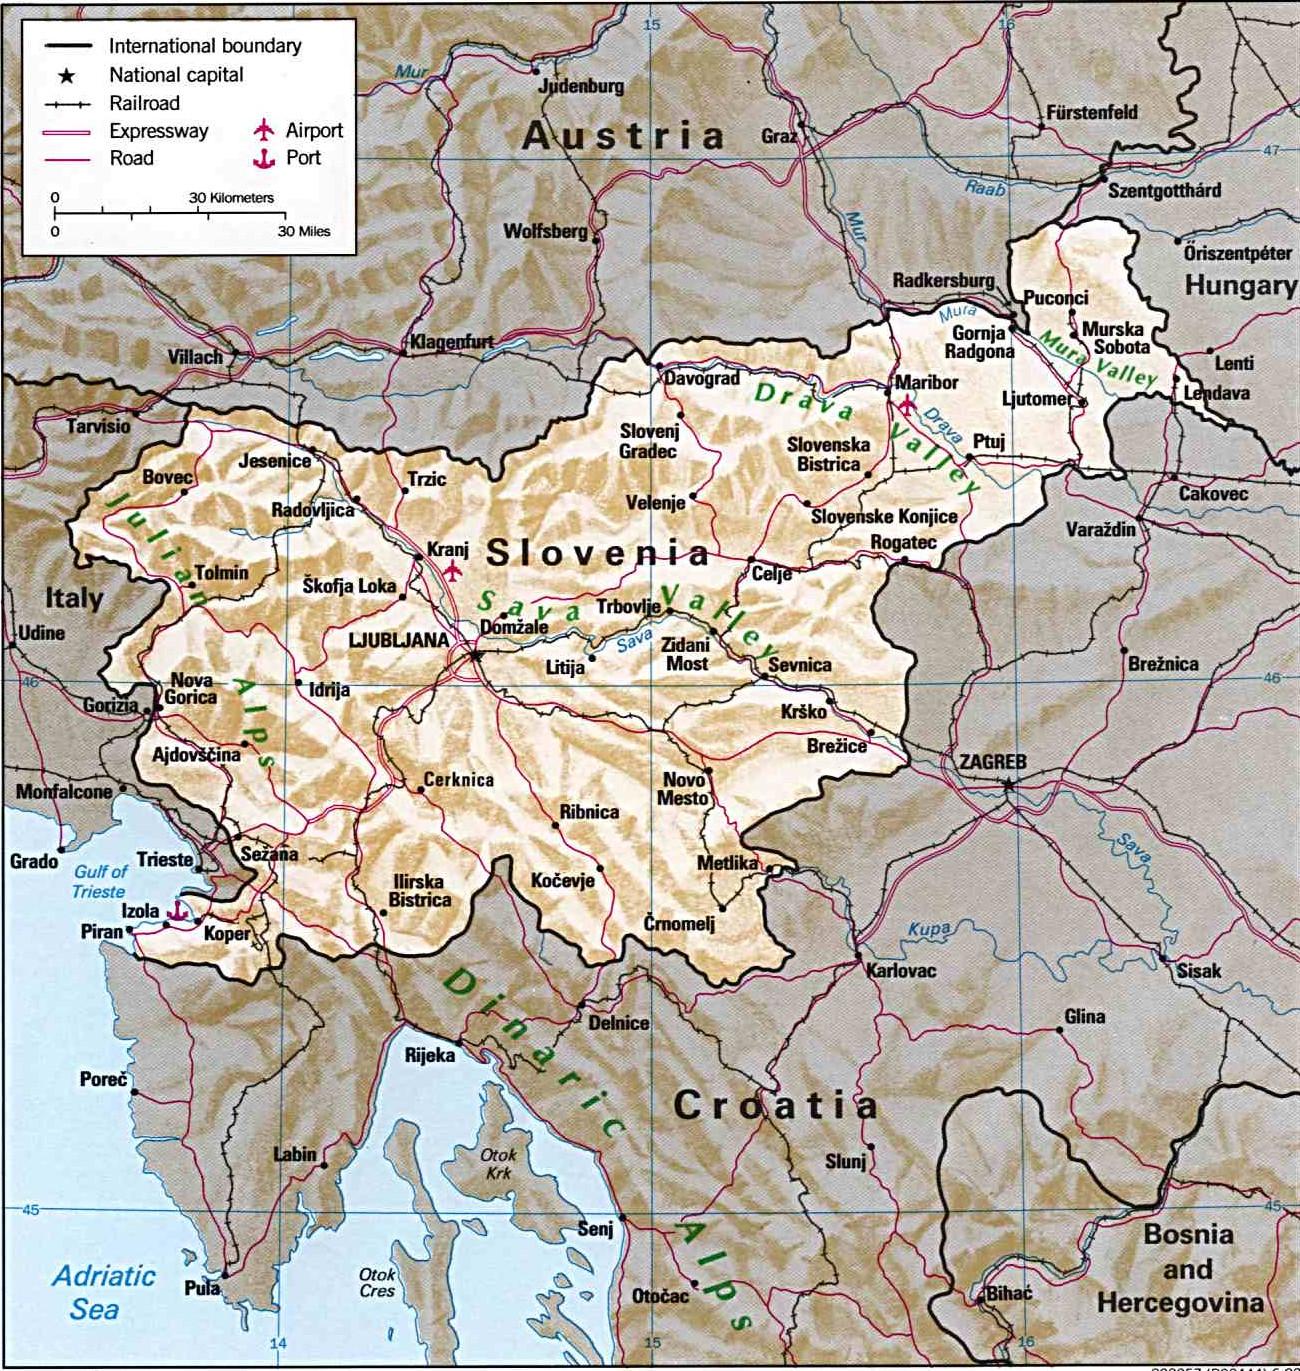 szlovénia látnivalók térkép Szlovénia térkép   Szállás és látnivaló, nyaralás és utazás  szlovénia látnivalók térkép